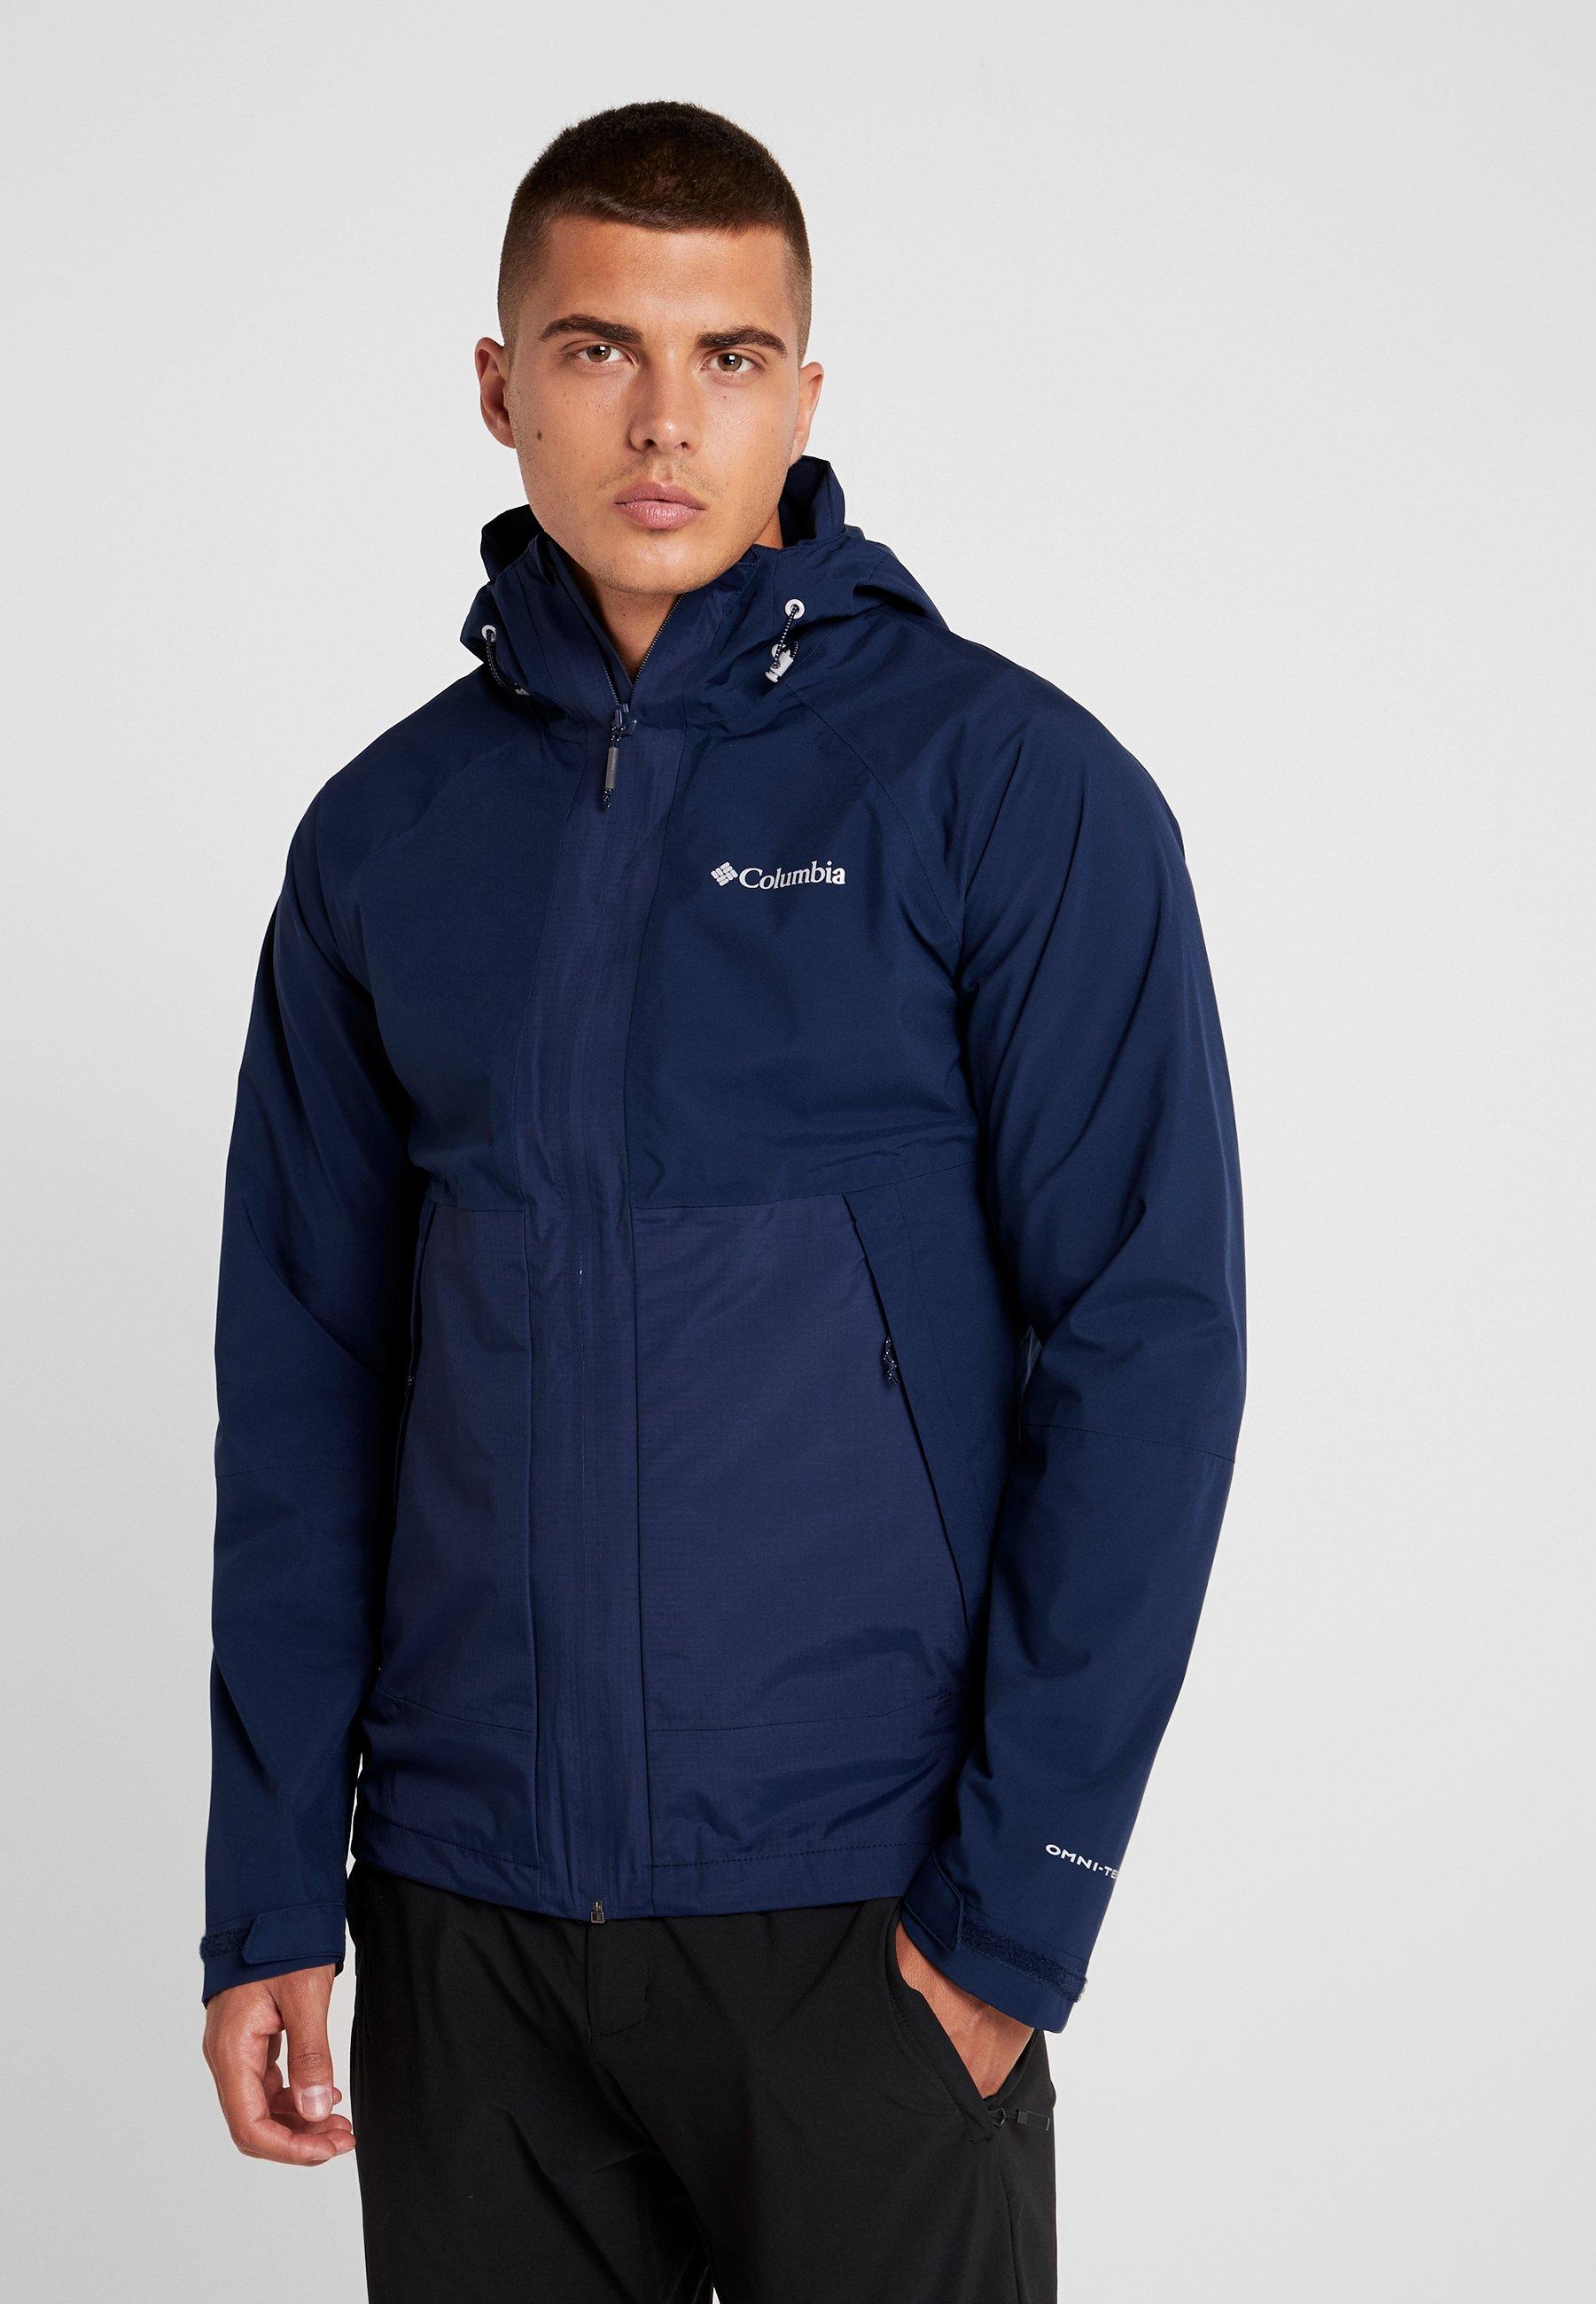 Evolution Valley™ II Jacke für Damen   Columbia Sportswear